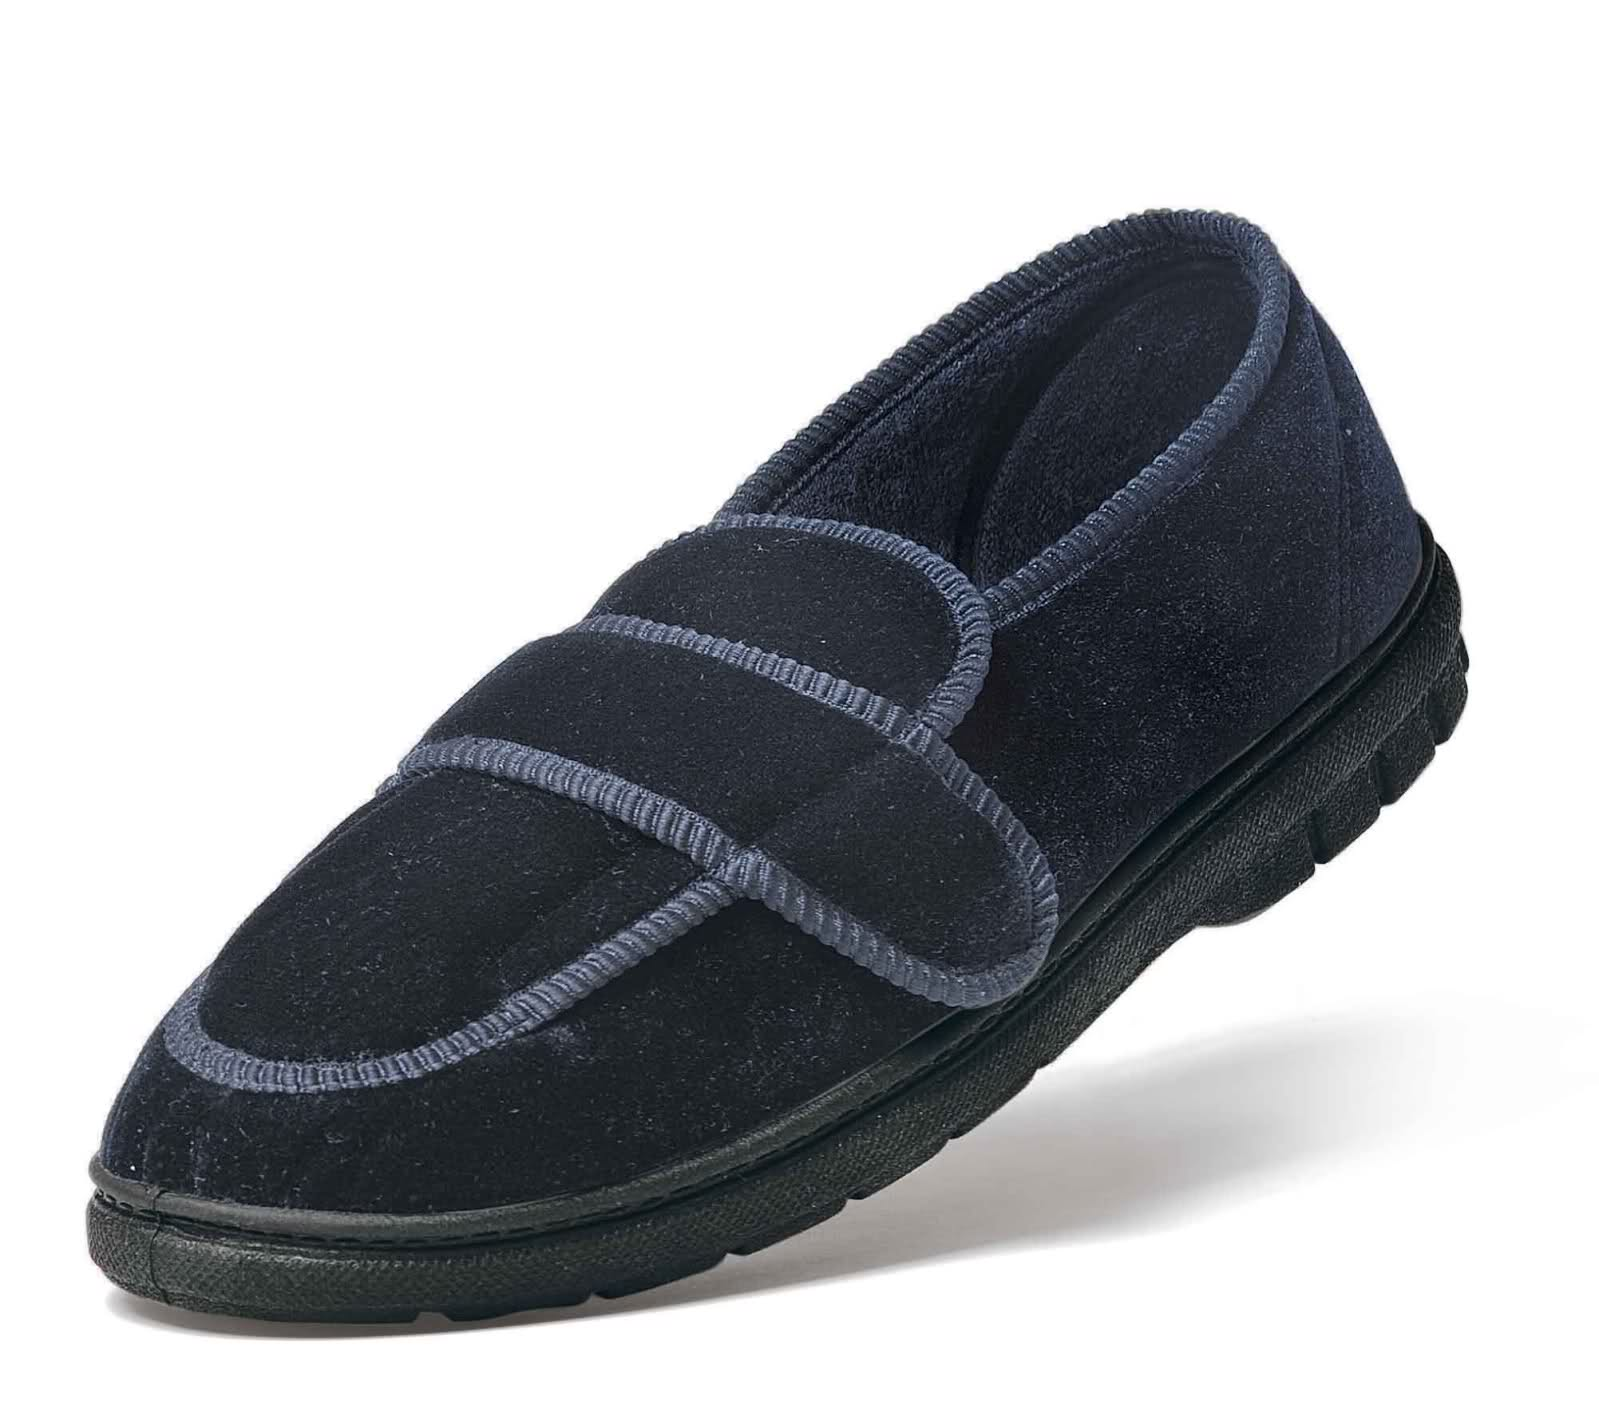 Peaks Walking Shoes